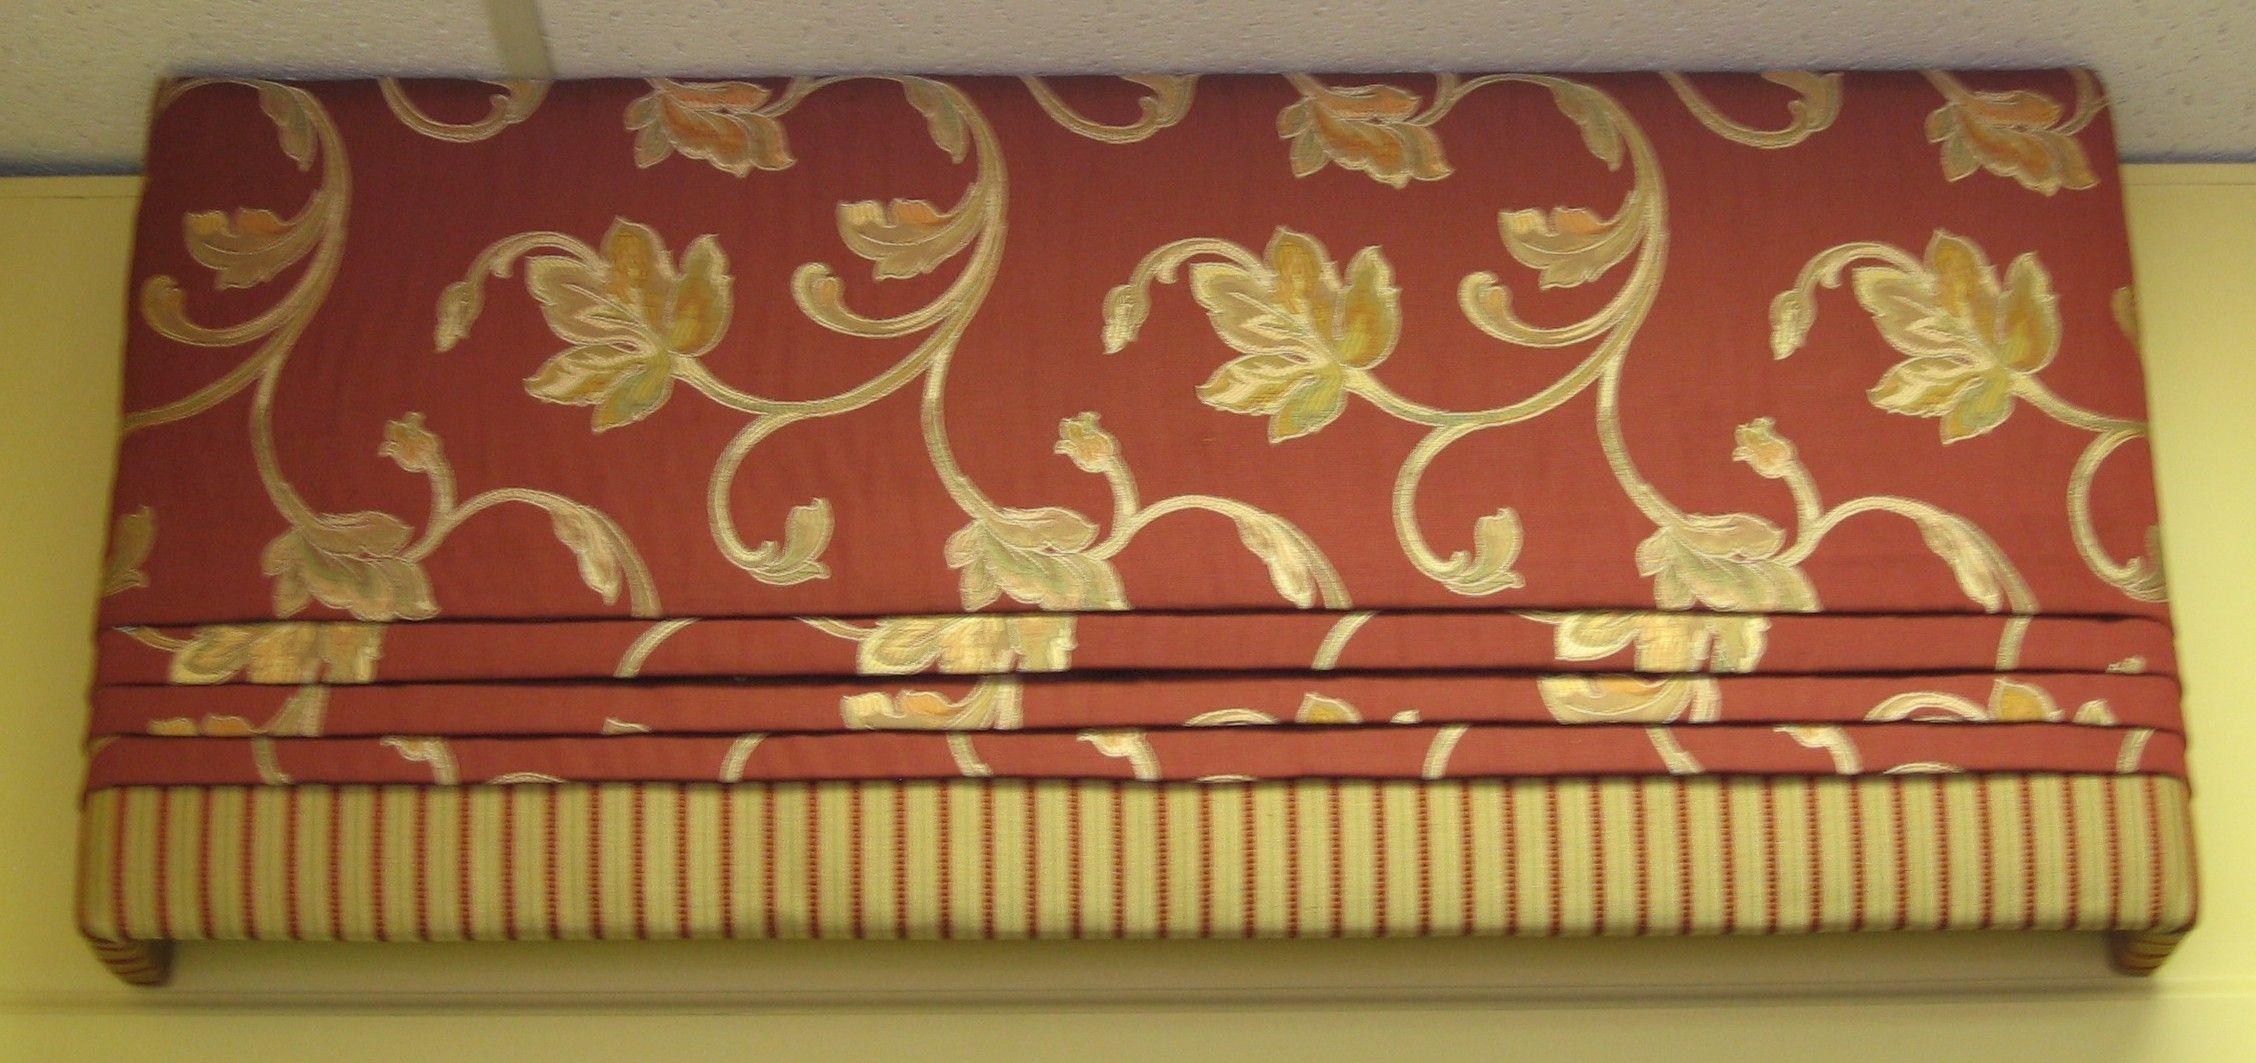 cornice board designs | ... design wallpaper design wallpaper border ...